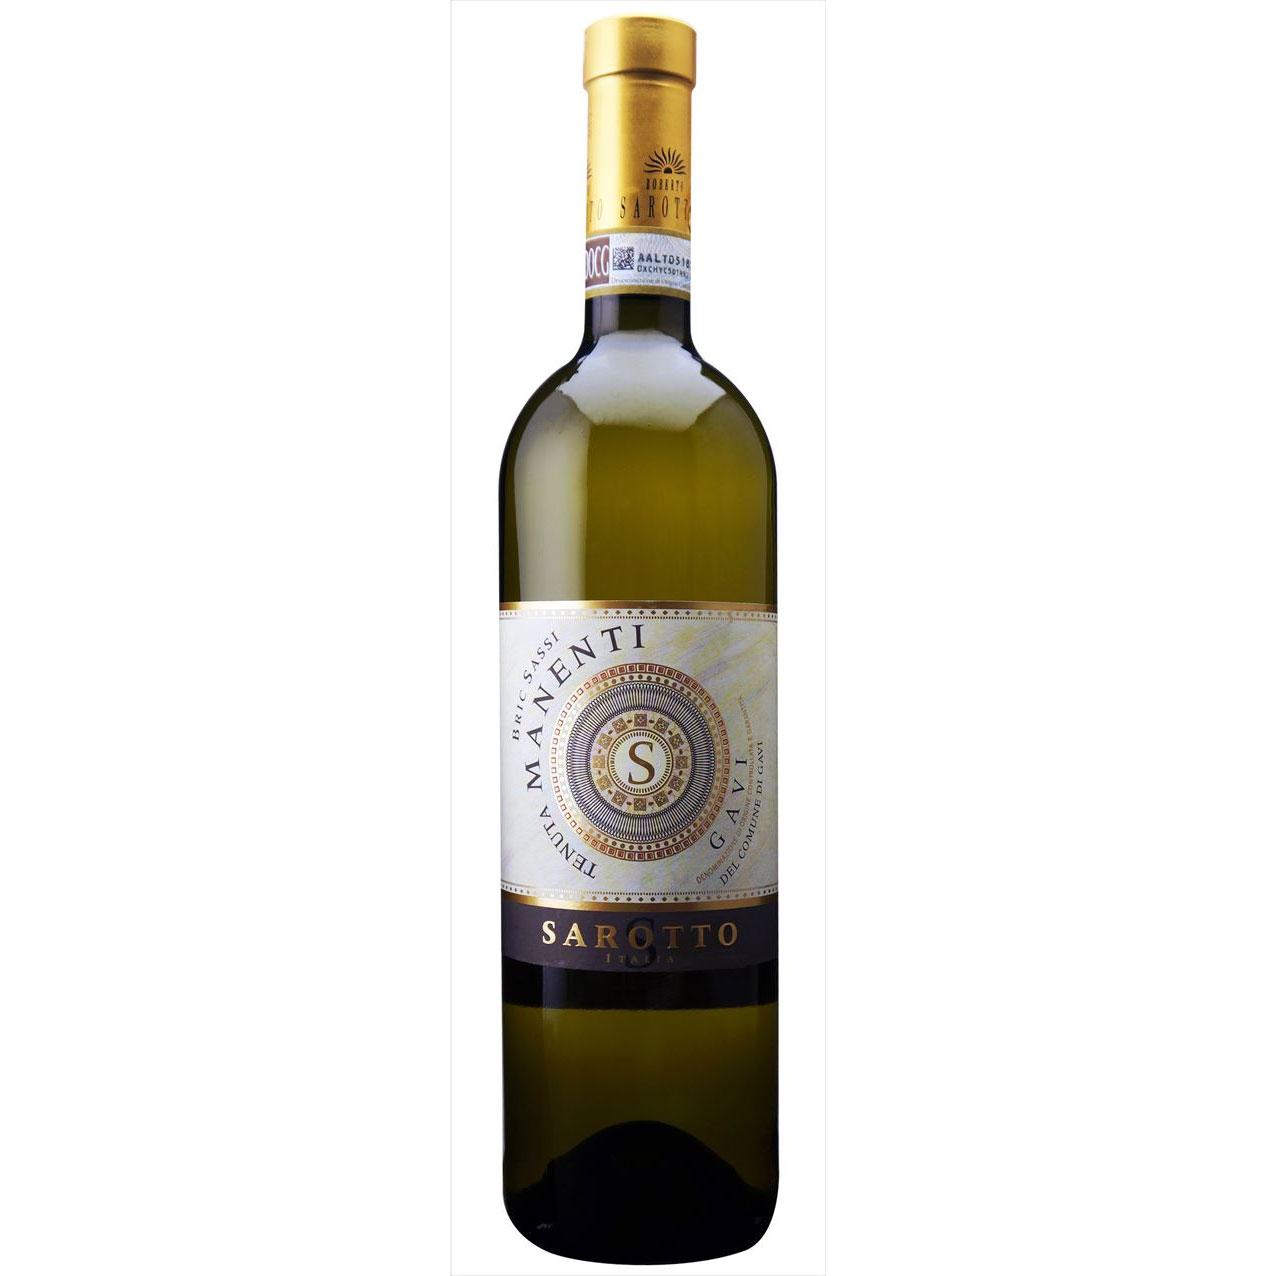 父の日 プレゼント ギフト ガヴィ デル コムーネ ディ ガヴィ ブリク サッシ アジエンダ アグリコーラ ロベルト サロット 白 750ml 12本 イタリア ピエモンテ 白ワイン 送料無料 ヴィンテージ管理しておりません、変わる場合があります ラッキーシール対応